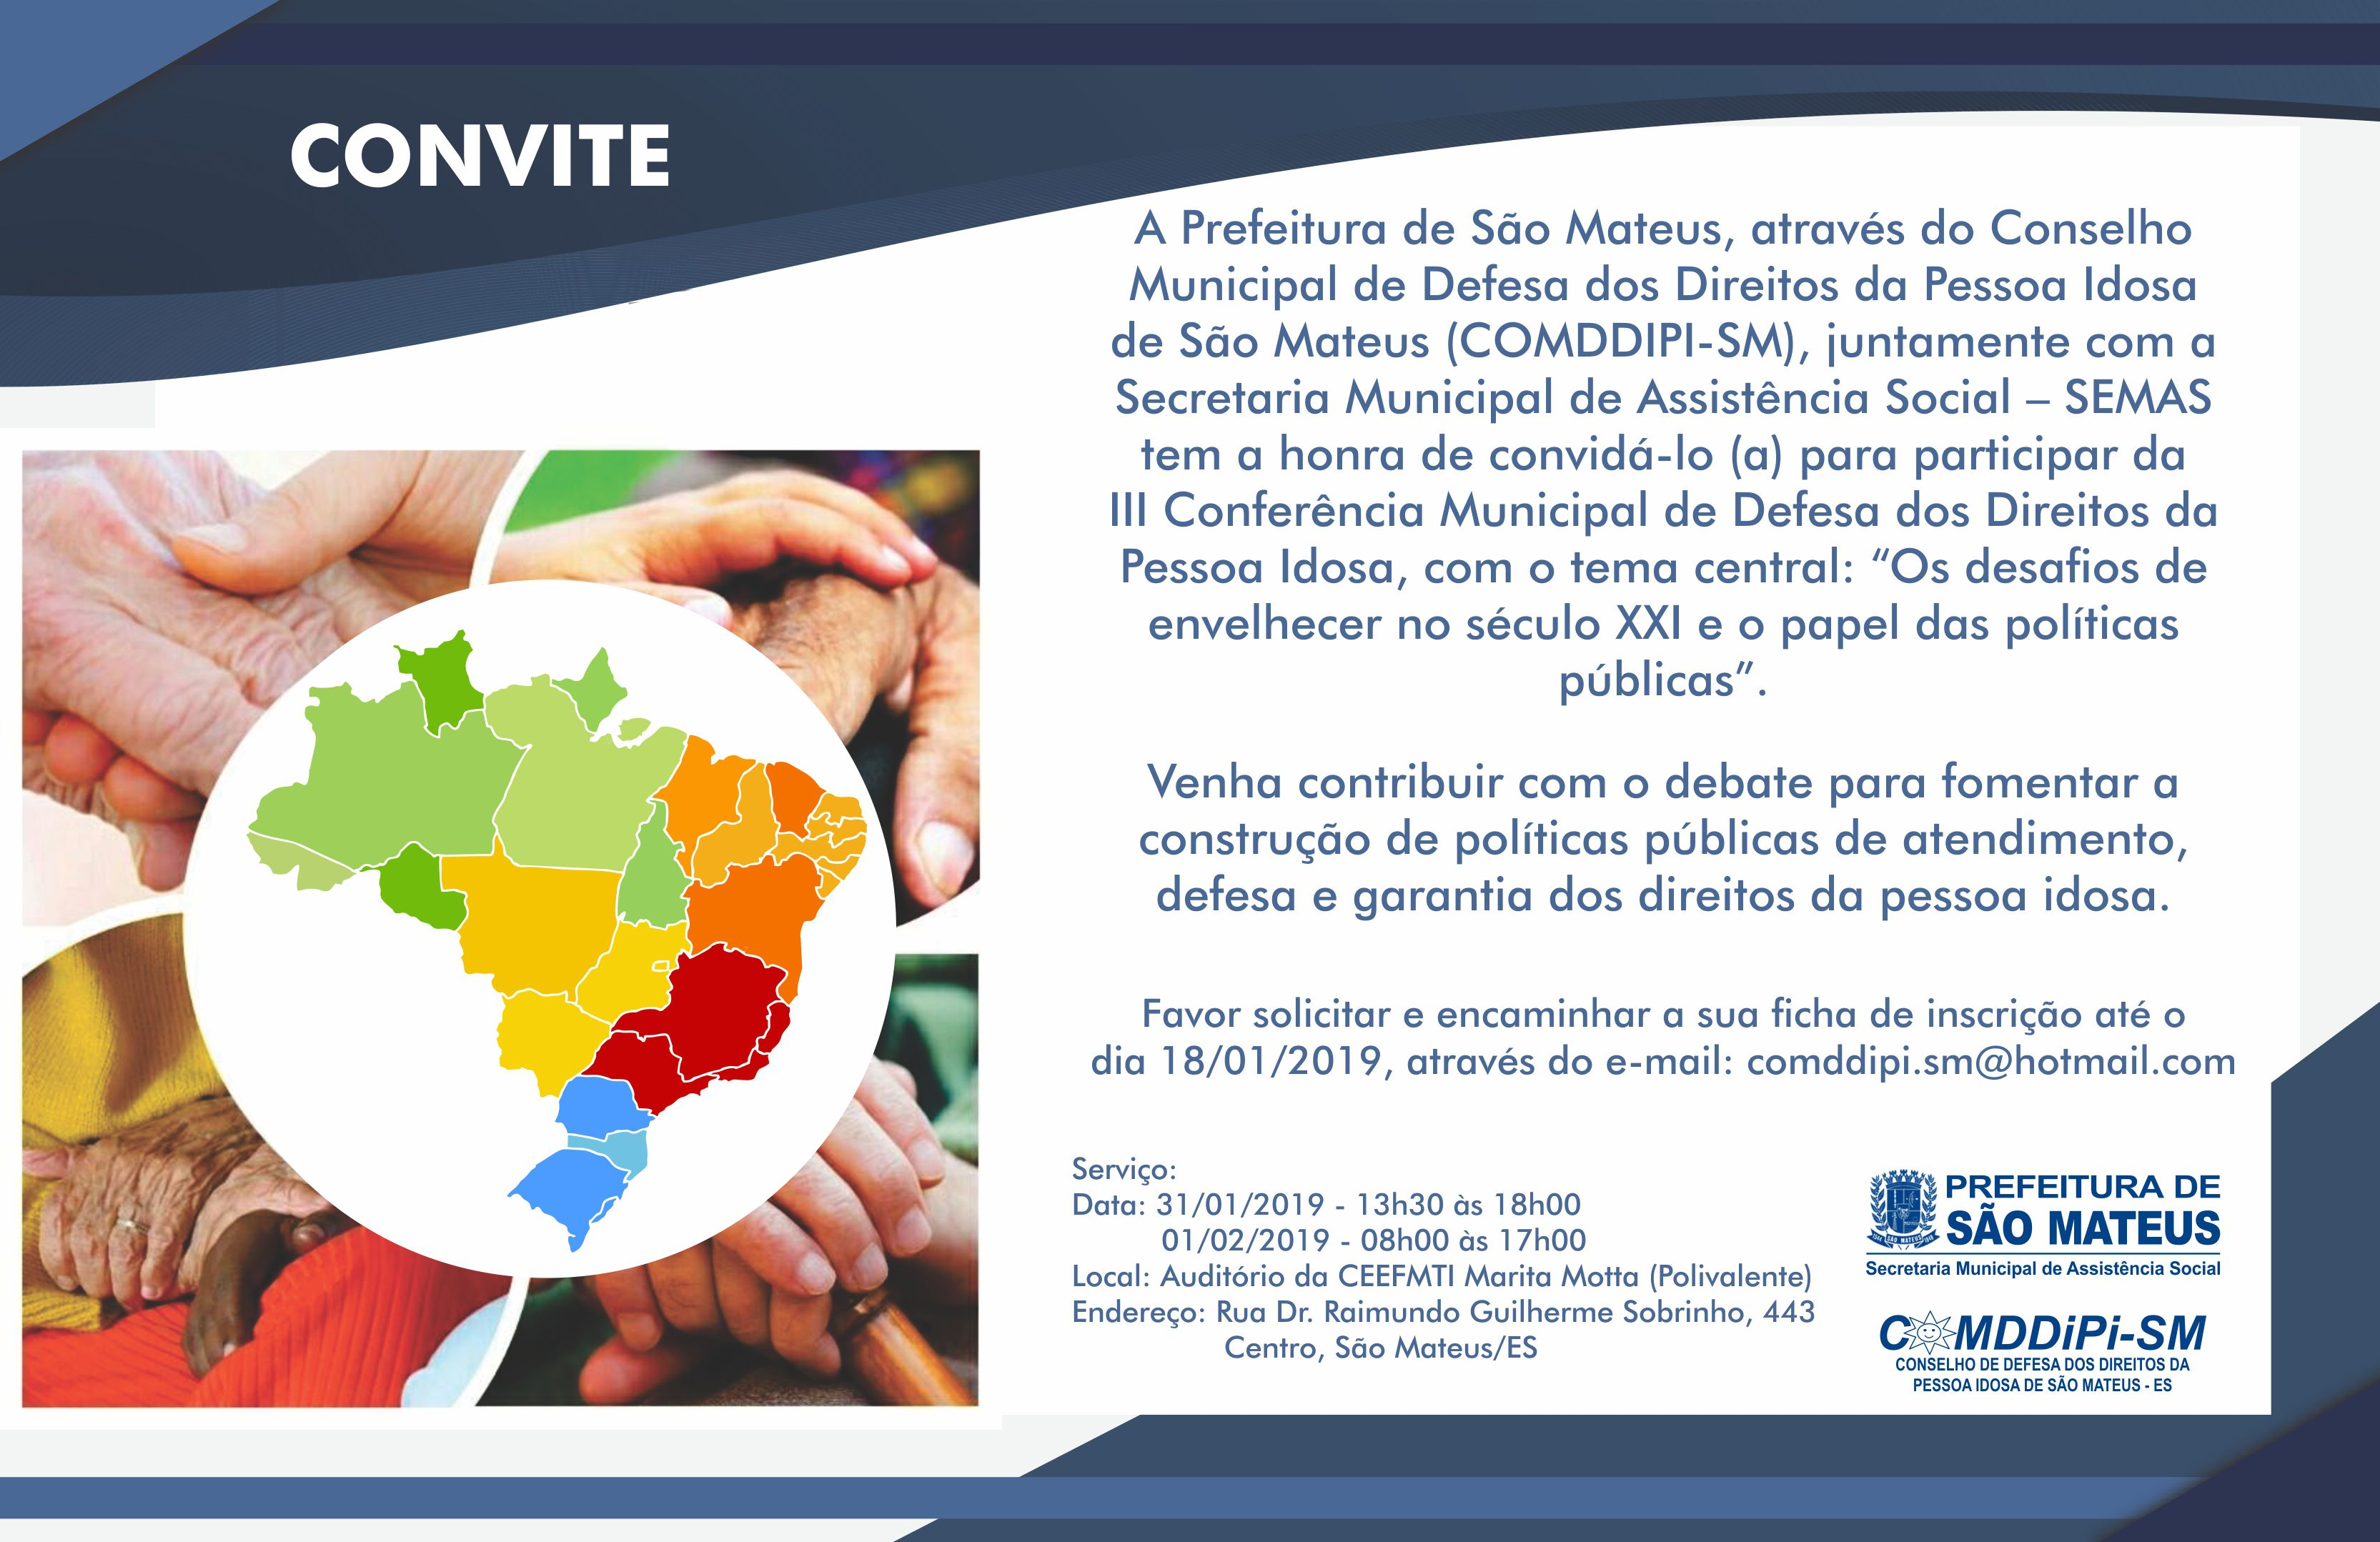 PMSM Realiza III Conferência Municipal de Defesa dos Direitos da Pessoa Idosa